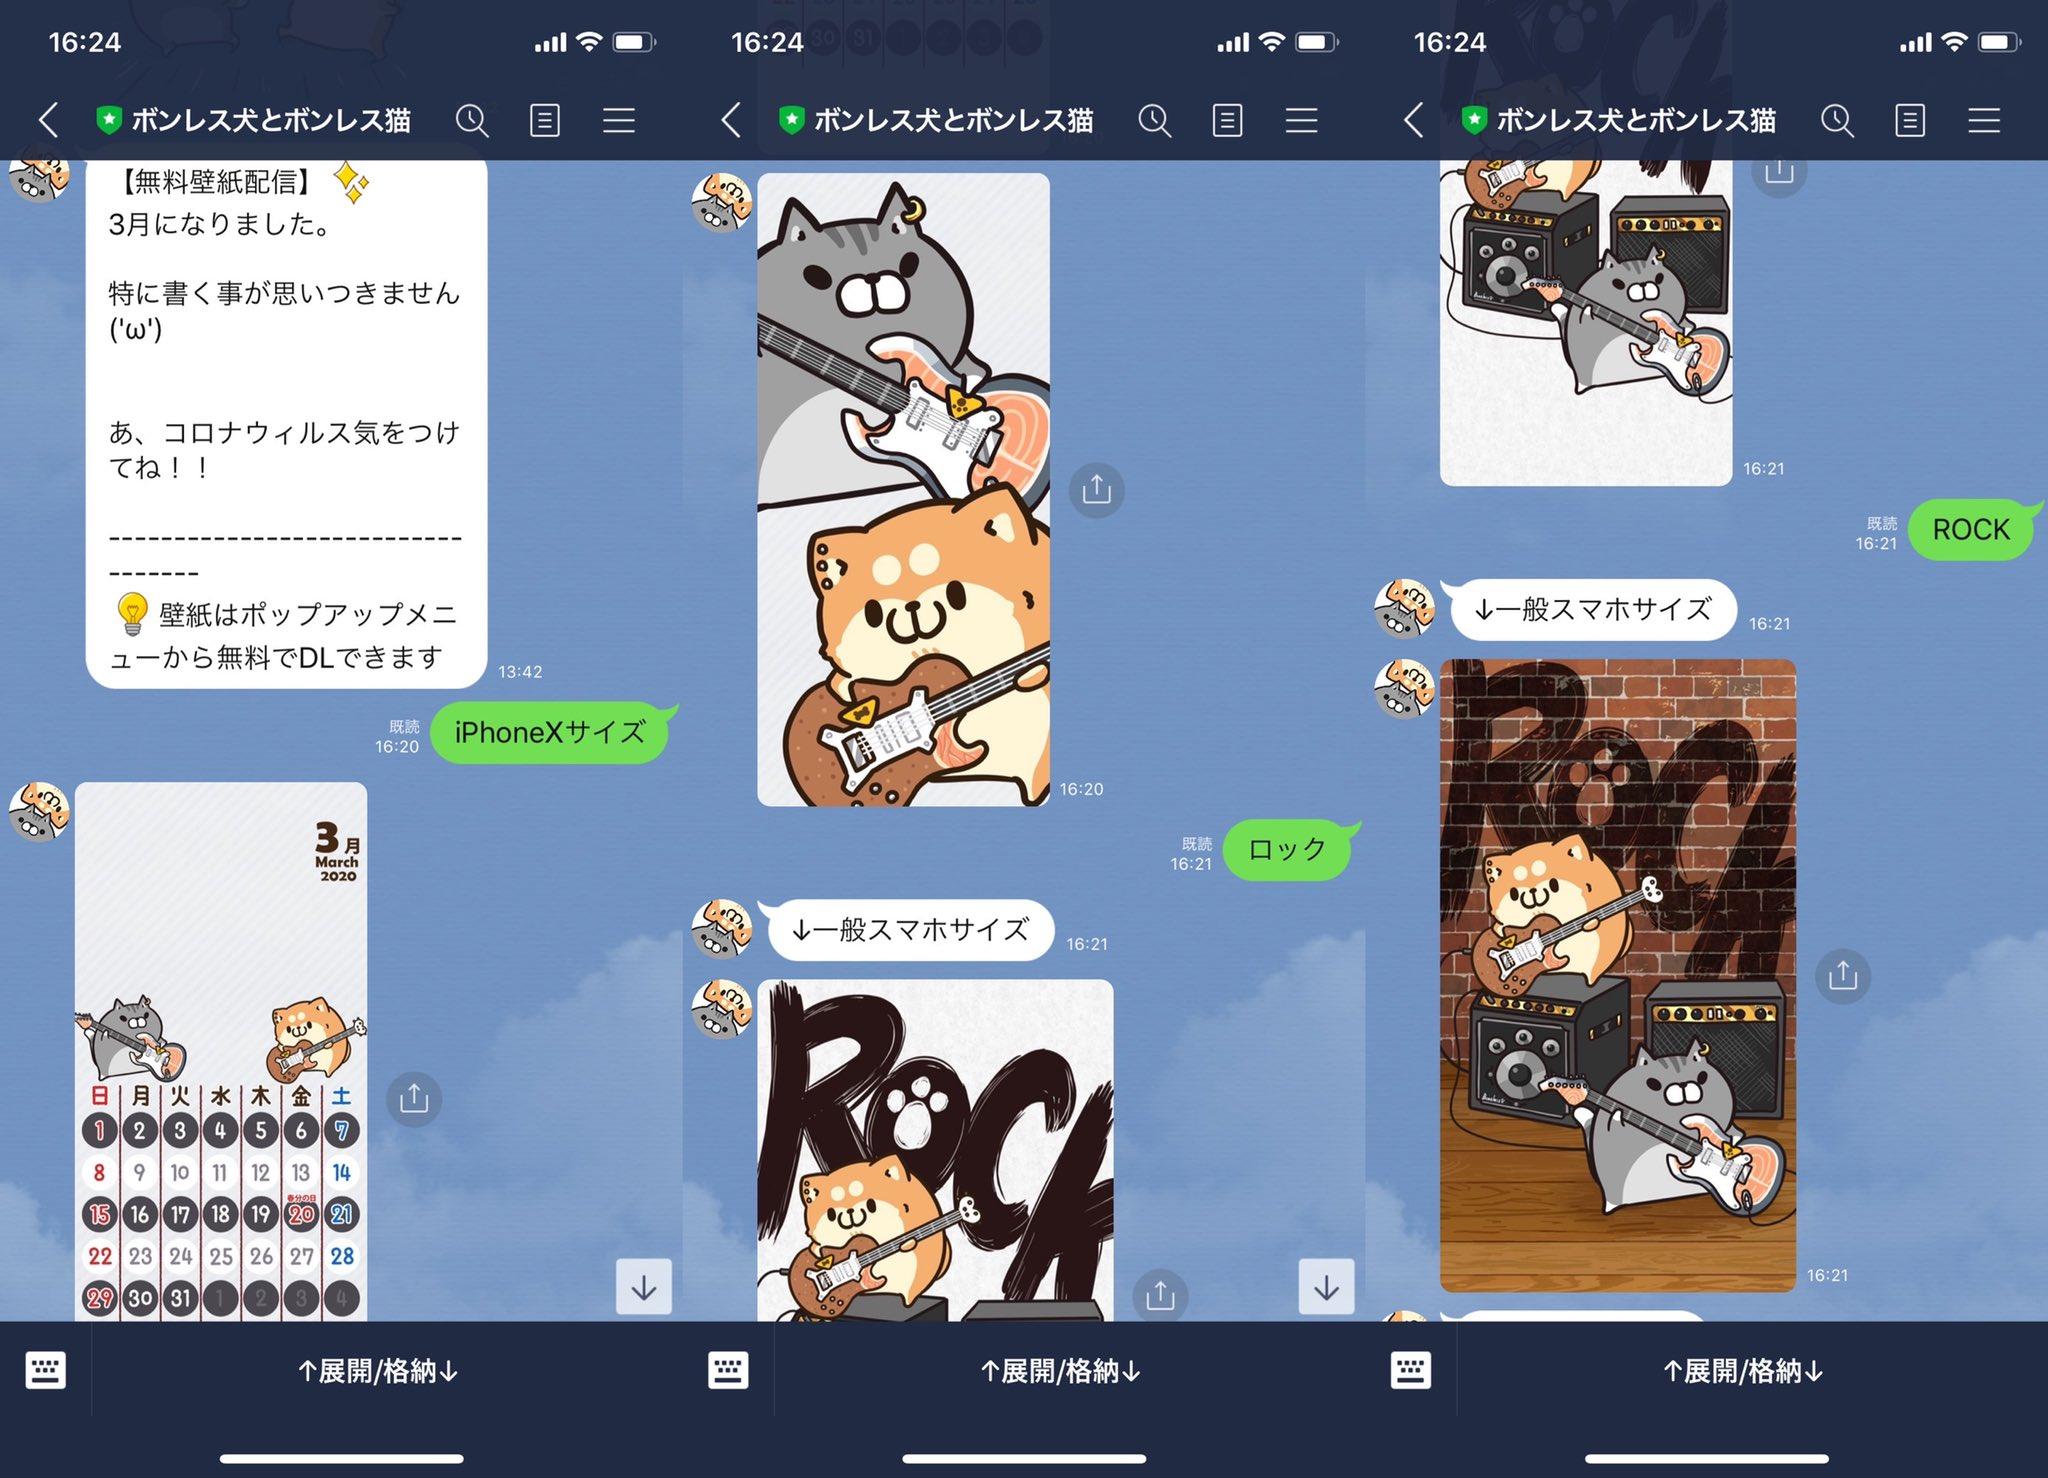 ボンレス犬猫🐶🐱カレンダーをiPhone 11 Proに設定(∩´∀`)∩ワーイ https://t.co/7ACUt9fk2v